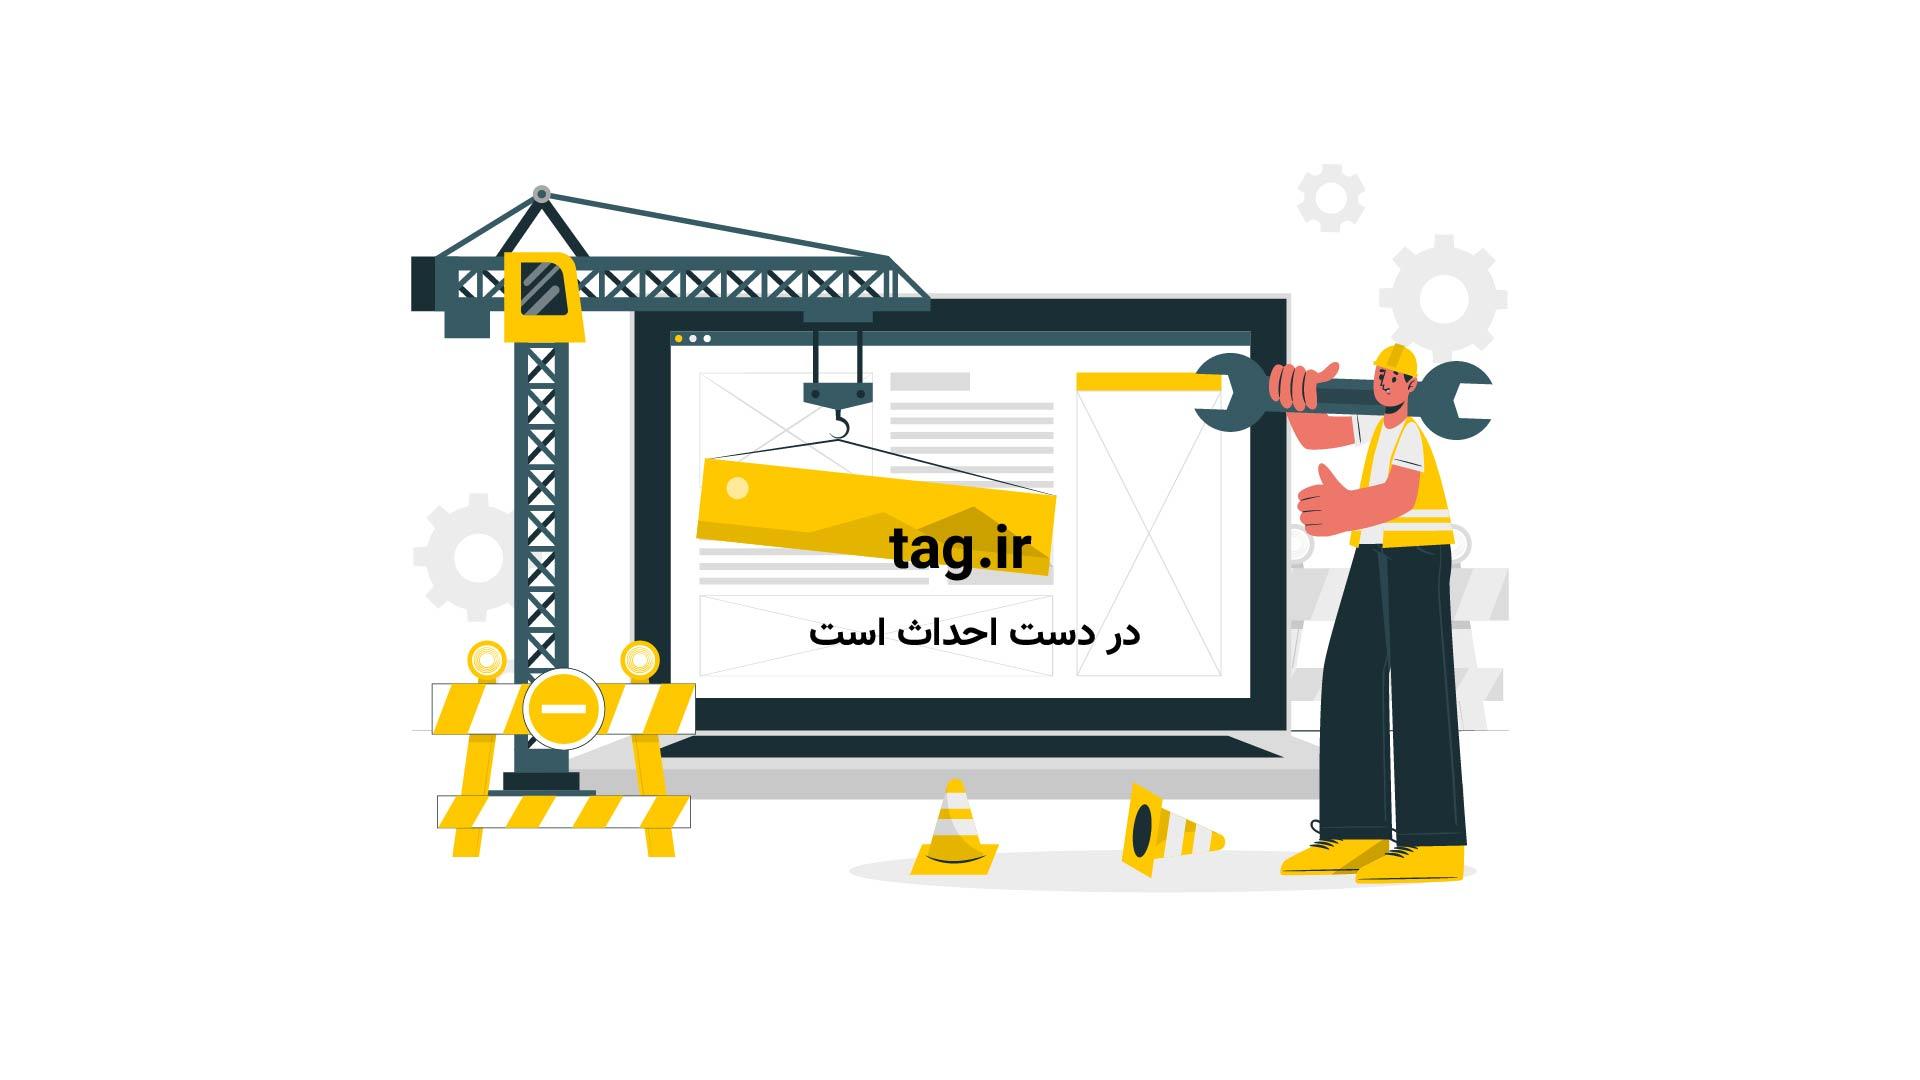 گل های پاییزی | تگ